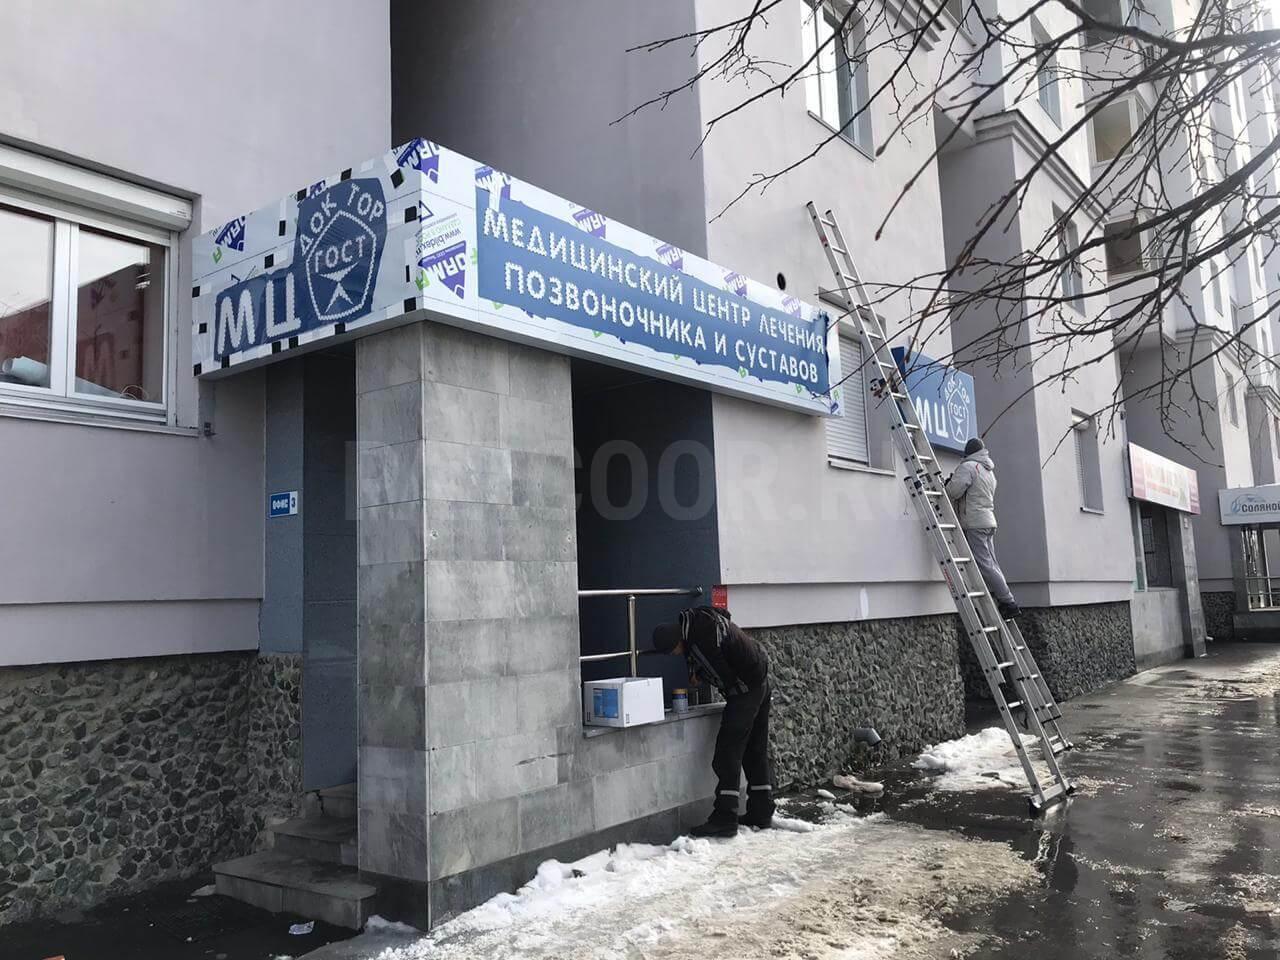 Вывеска медицинского центра Доктор ГОСТ